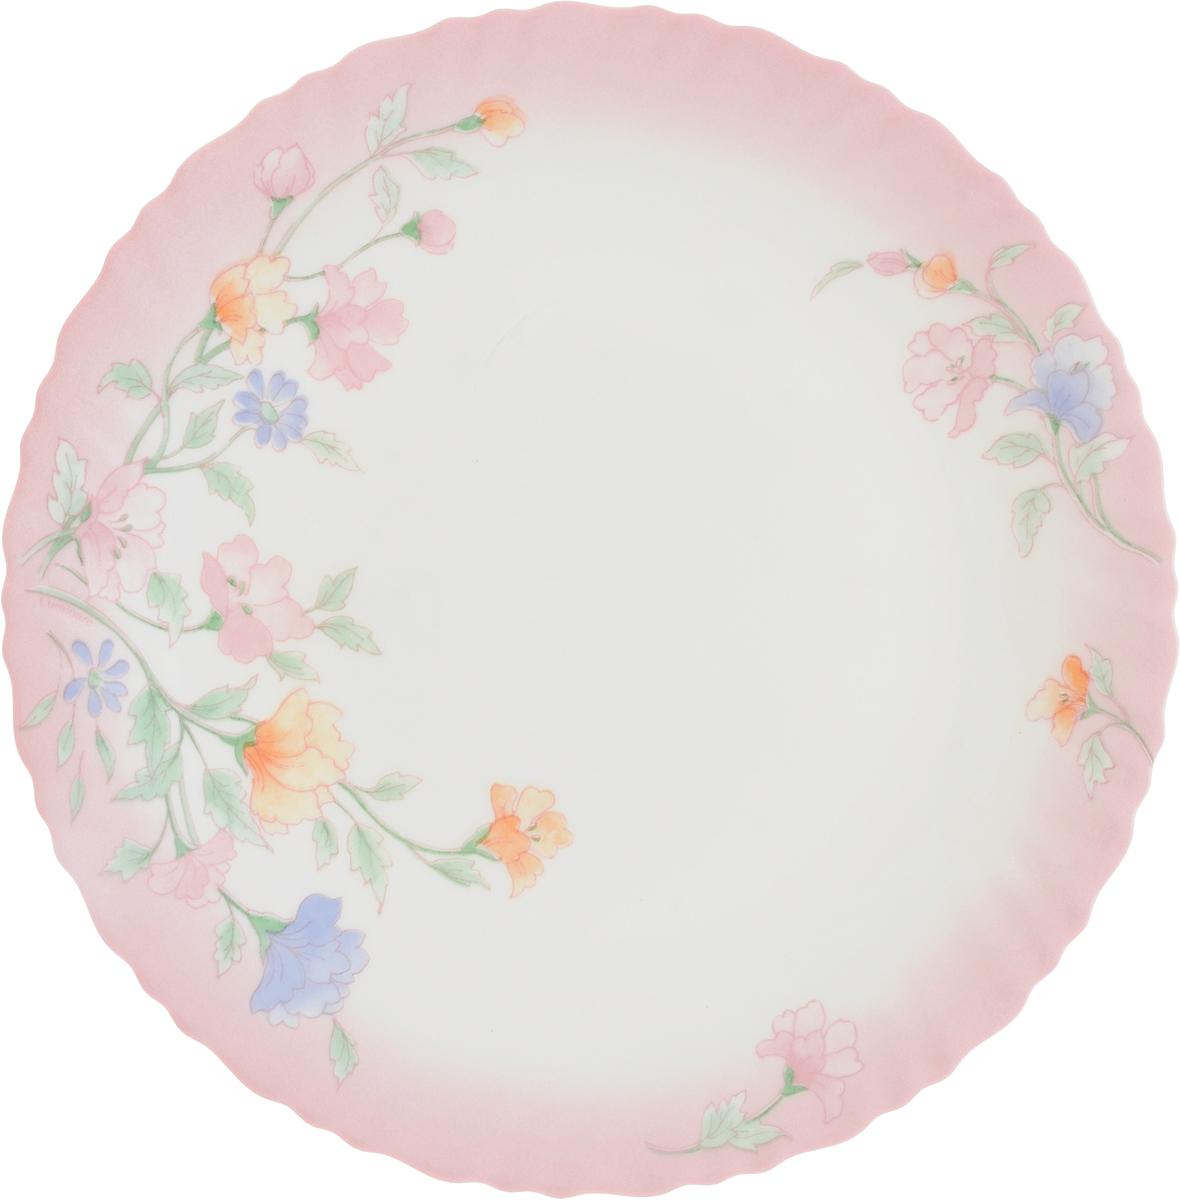 Тарелка обеденная Luminarc Elise, диаметр 25 см38787Тарелка обеденная Luminarc Elise, декорированная нежным цветочным рисунком, изготовлена из высококачественного ударопрочного стекла. Изделие устойчиво к повреждениям и истиранию, в процессе эксплуатации не впитывает запахи и сохраняет первоначальные краски. Посуда Luminarc обладает не только высокими техническими характеристиками, но и красивым эстетичным дизайном. Luminarc - это современная, красивая, практичная столовая посуда. Такая тарелка идеально подходит для красивой сервировки вторых блюд. Можно мыть в посудомоечной машине.